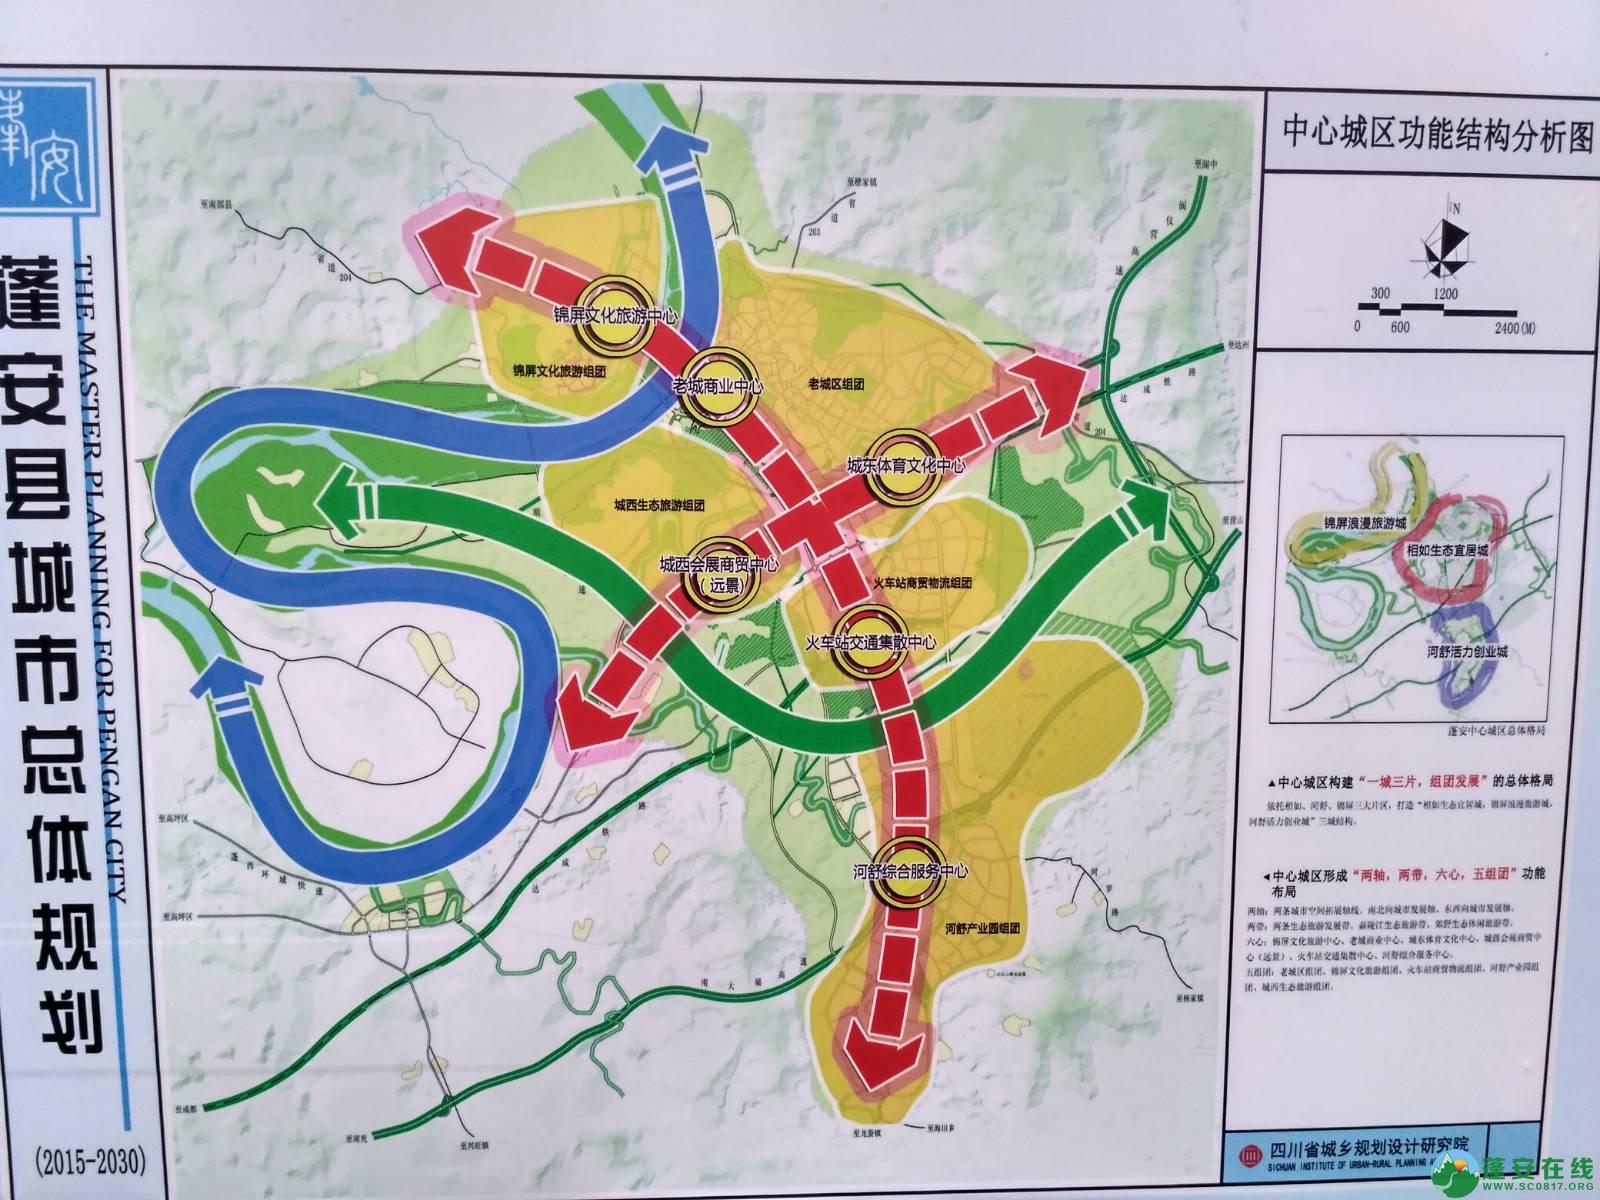 蓬安县2015年-2030年最新城市总体规划公示 - 第9张  | 蓬安在线